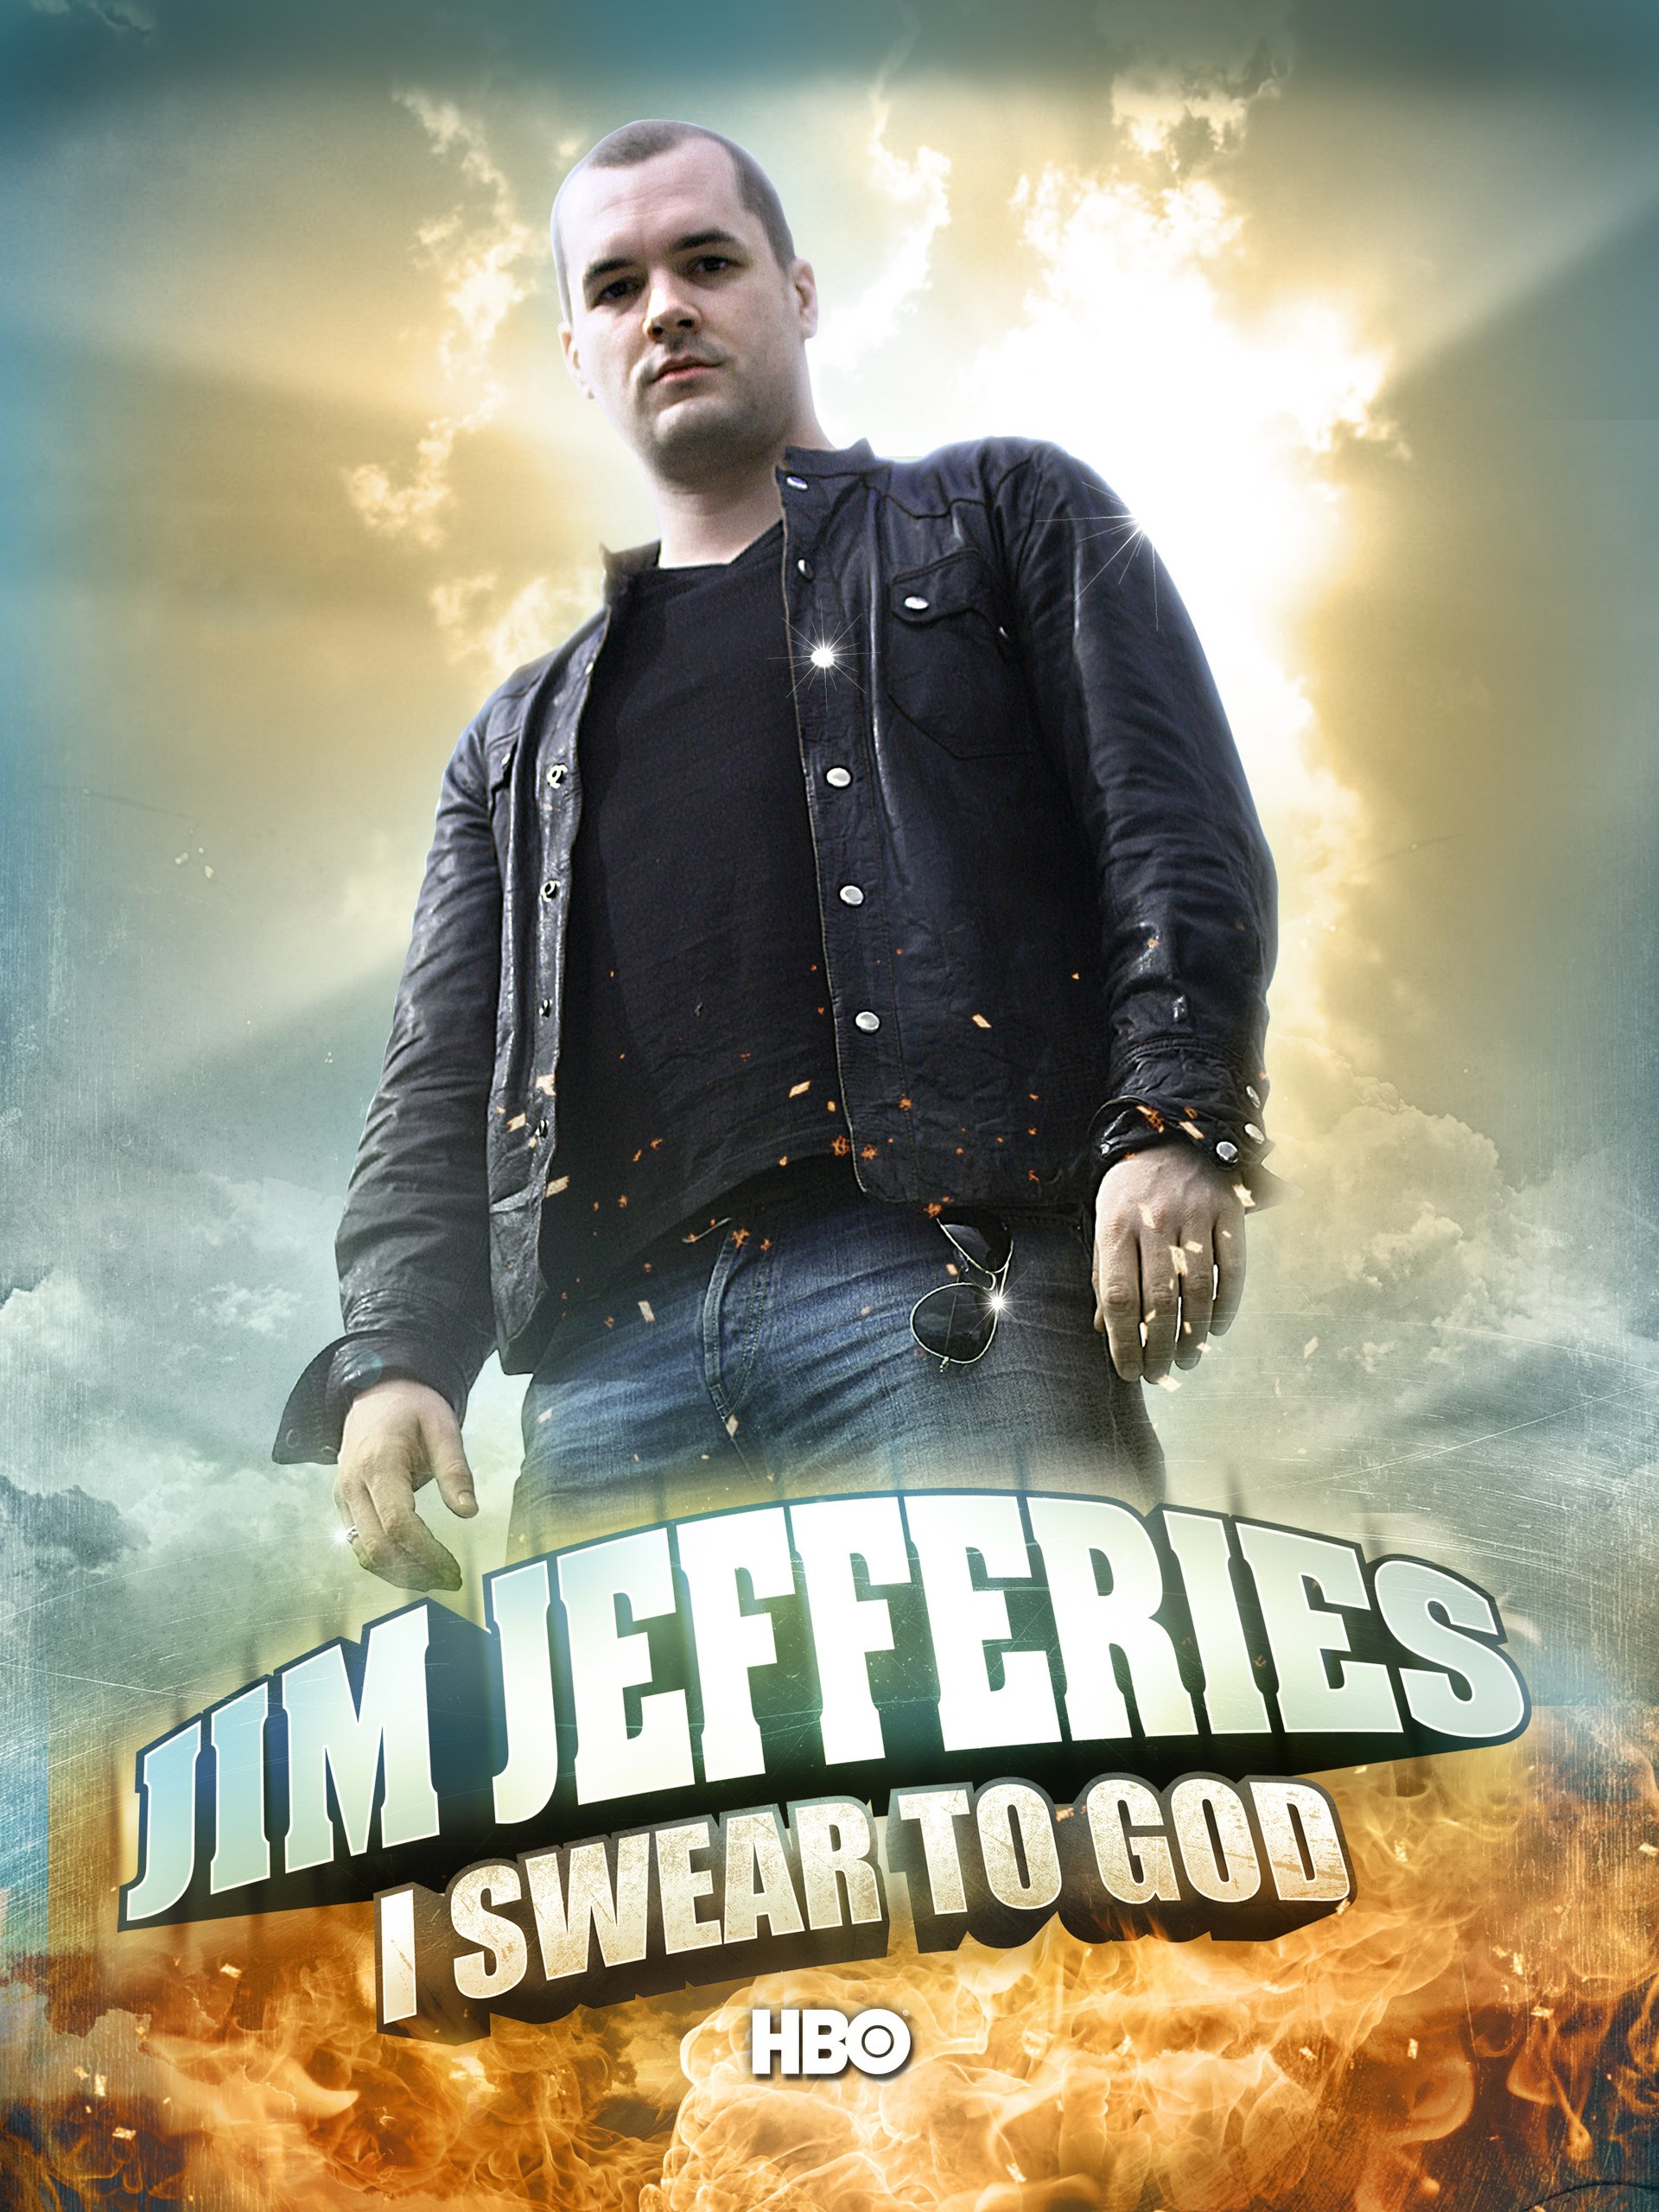 Jim Jefferies: I Swear to God kapak